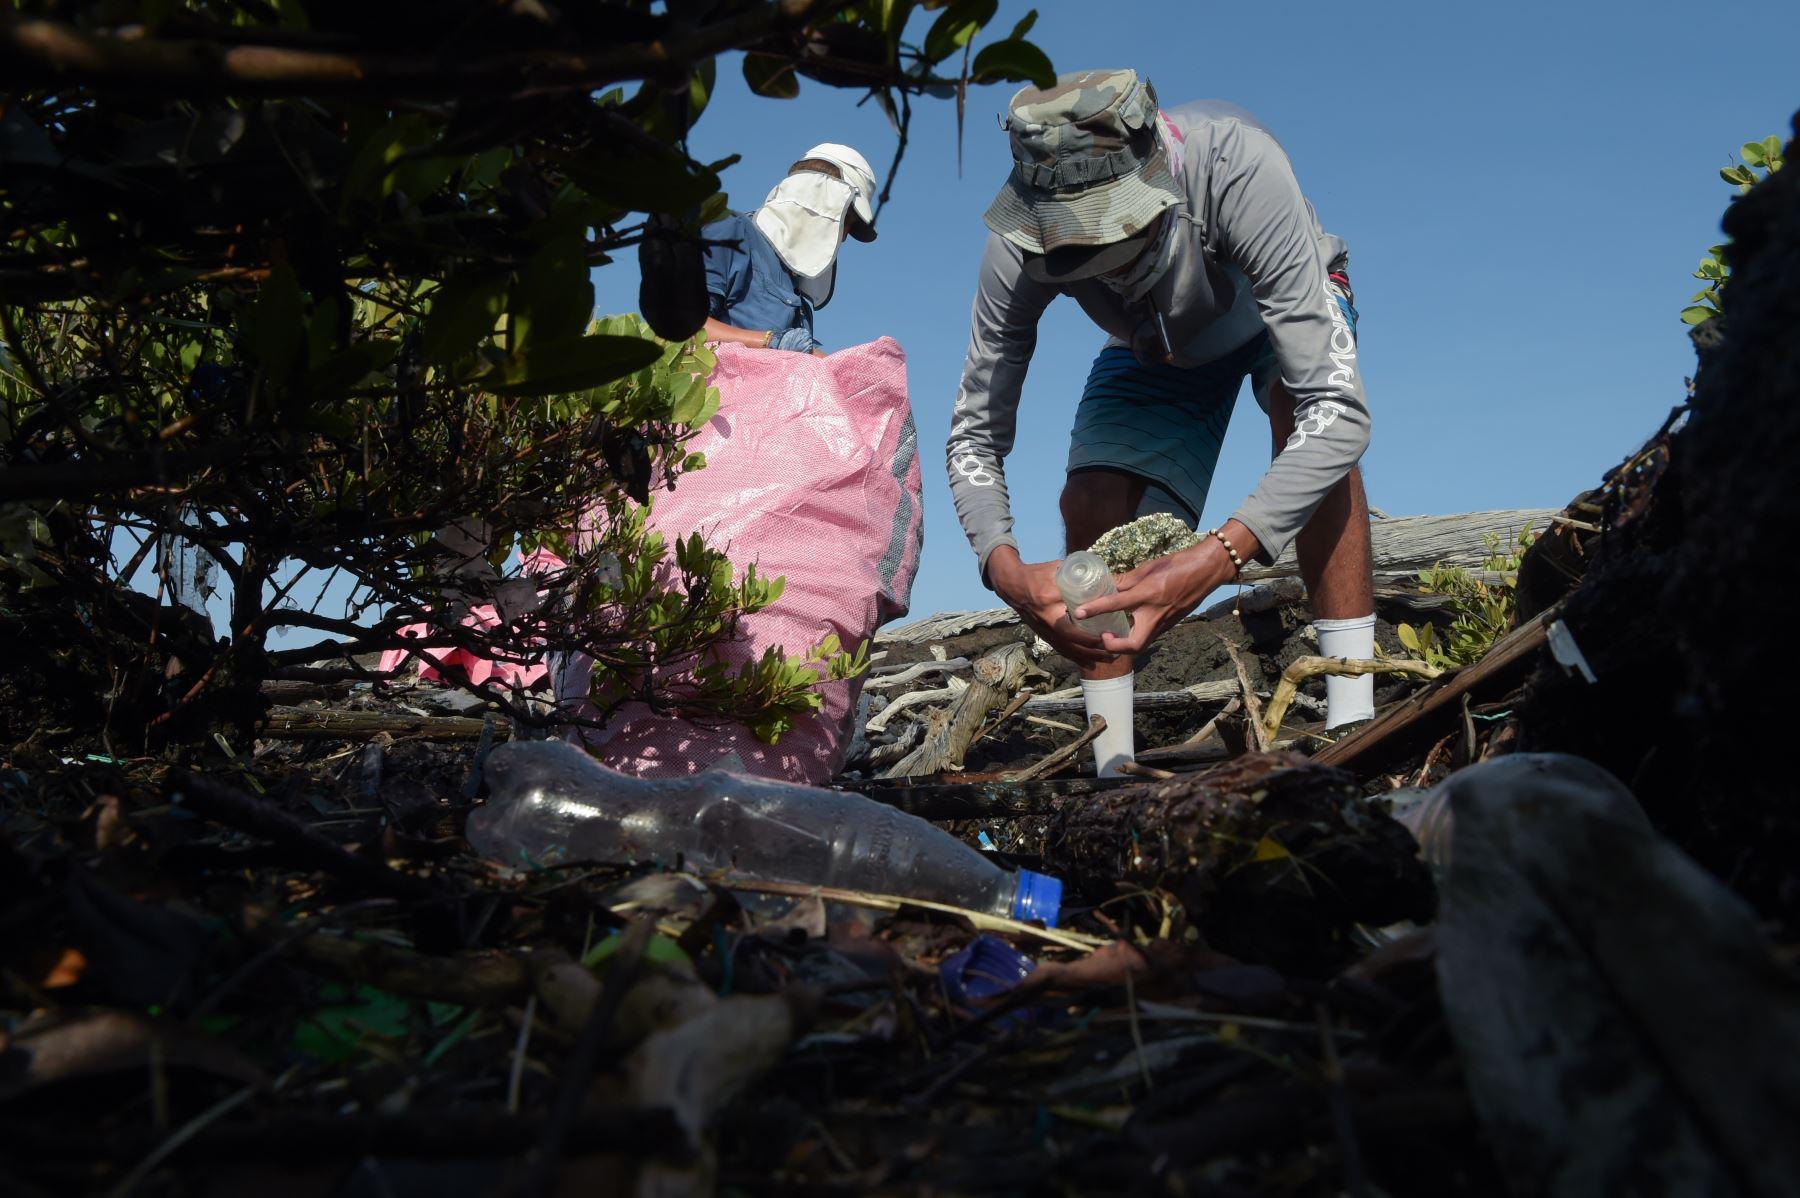 Un voluntario recolecta basura en la costa de la isla Isabela en el archipiélago de las Galápagos en el Océano Pacífico, a 1000 km de la costa de Ecuador.Foto:AFP